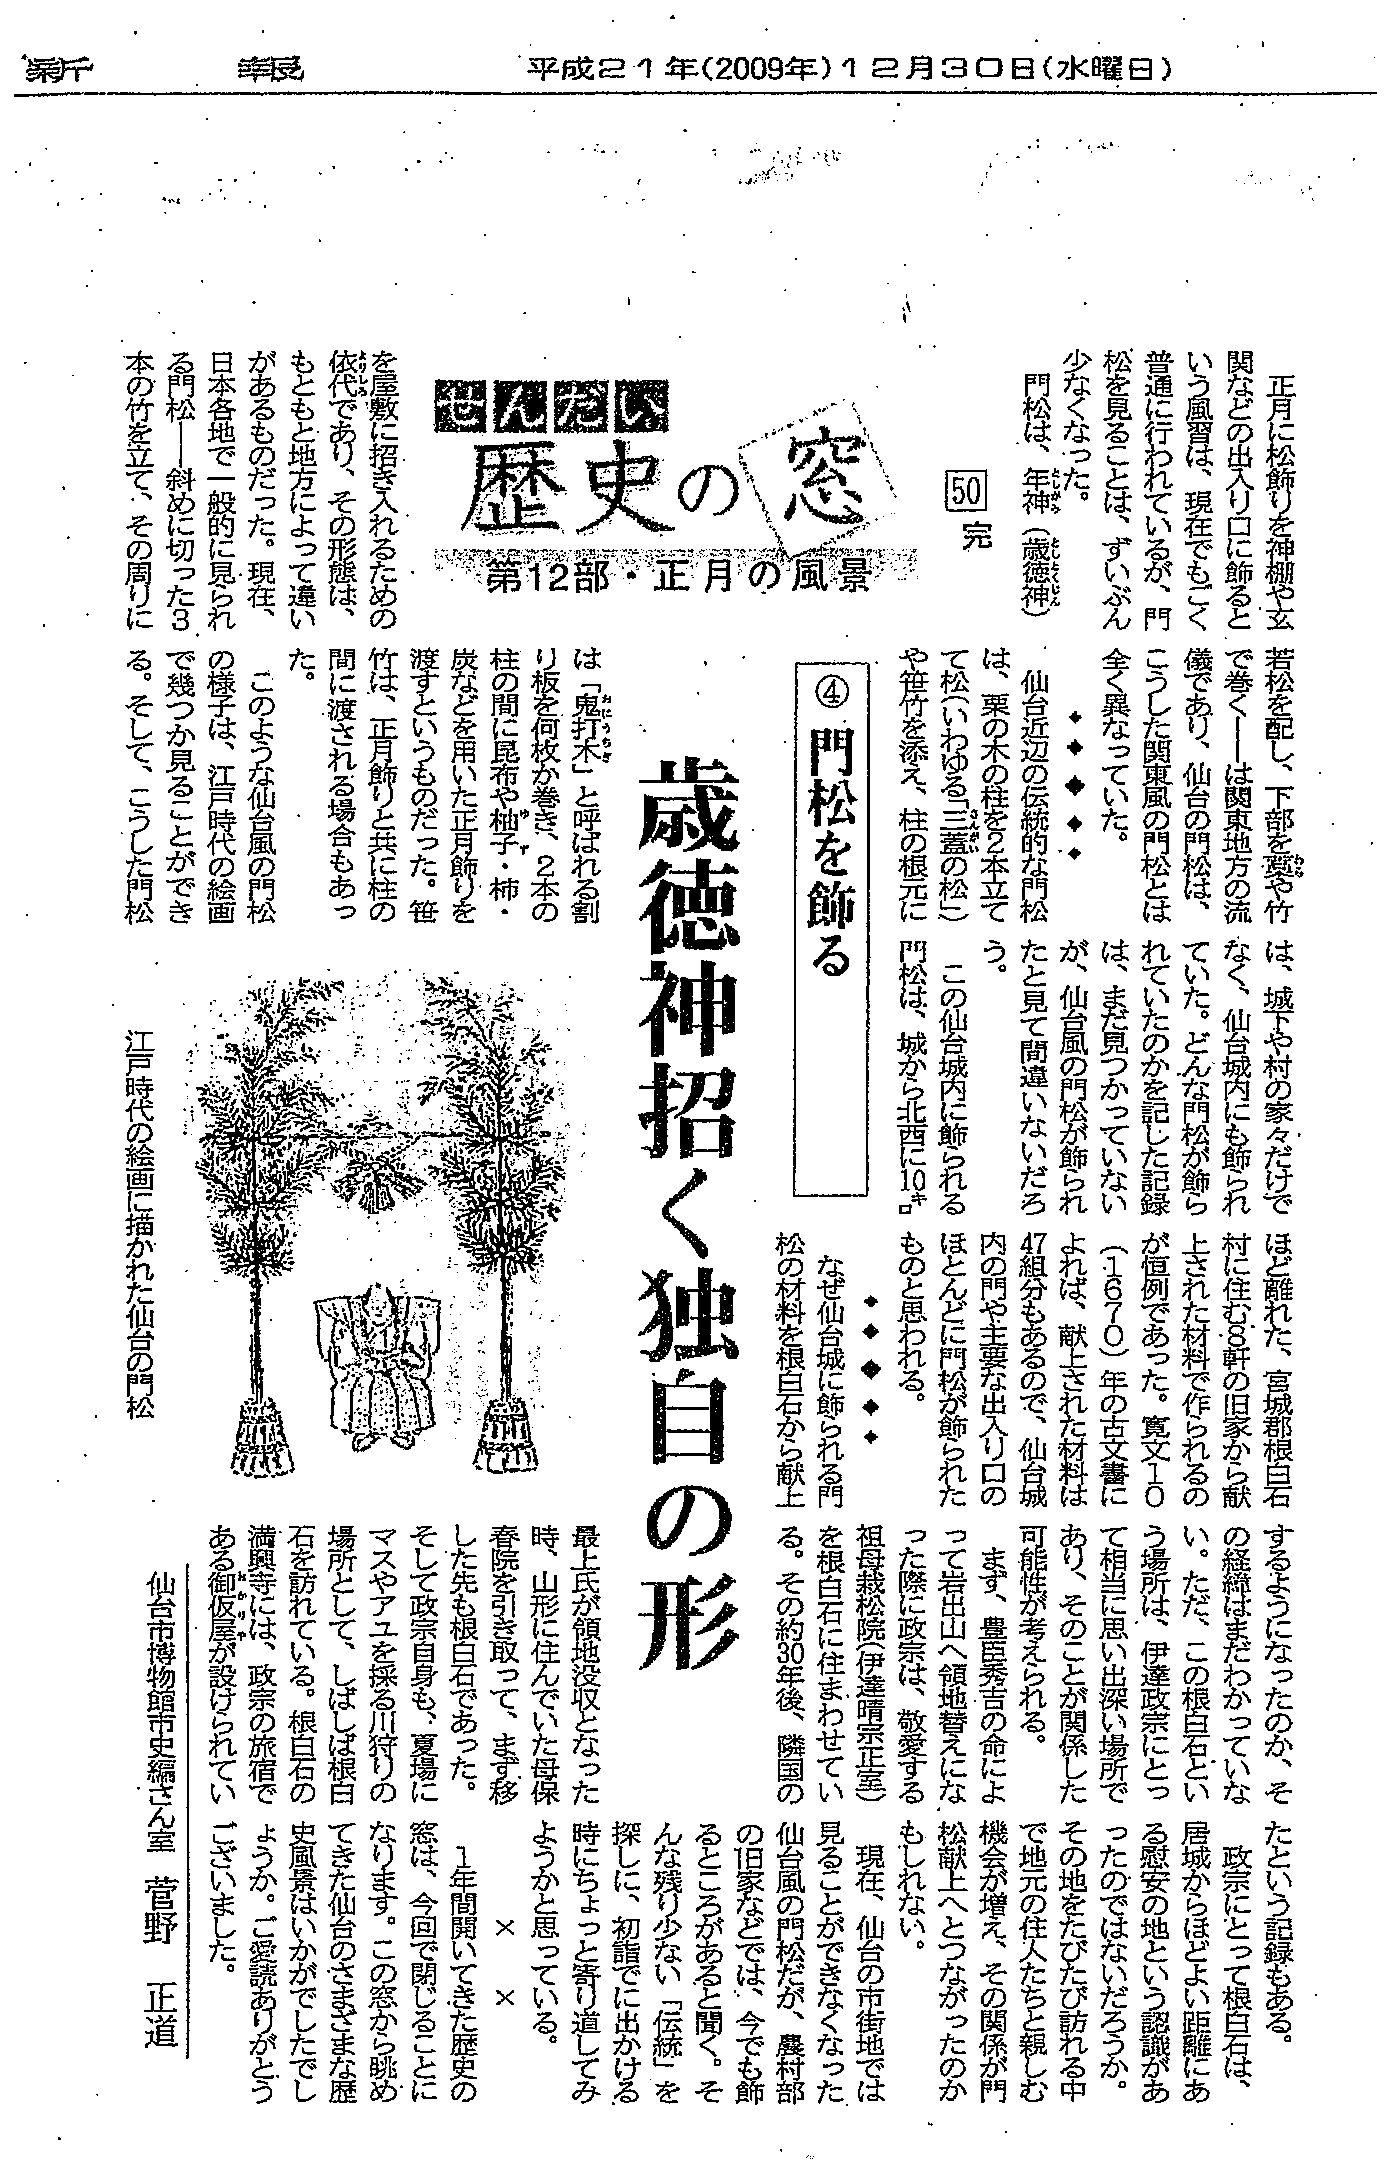 河北新報 2009年12月30日付